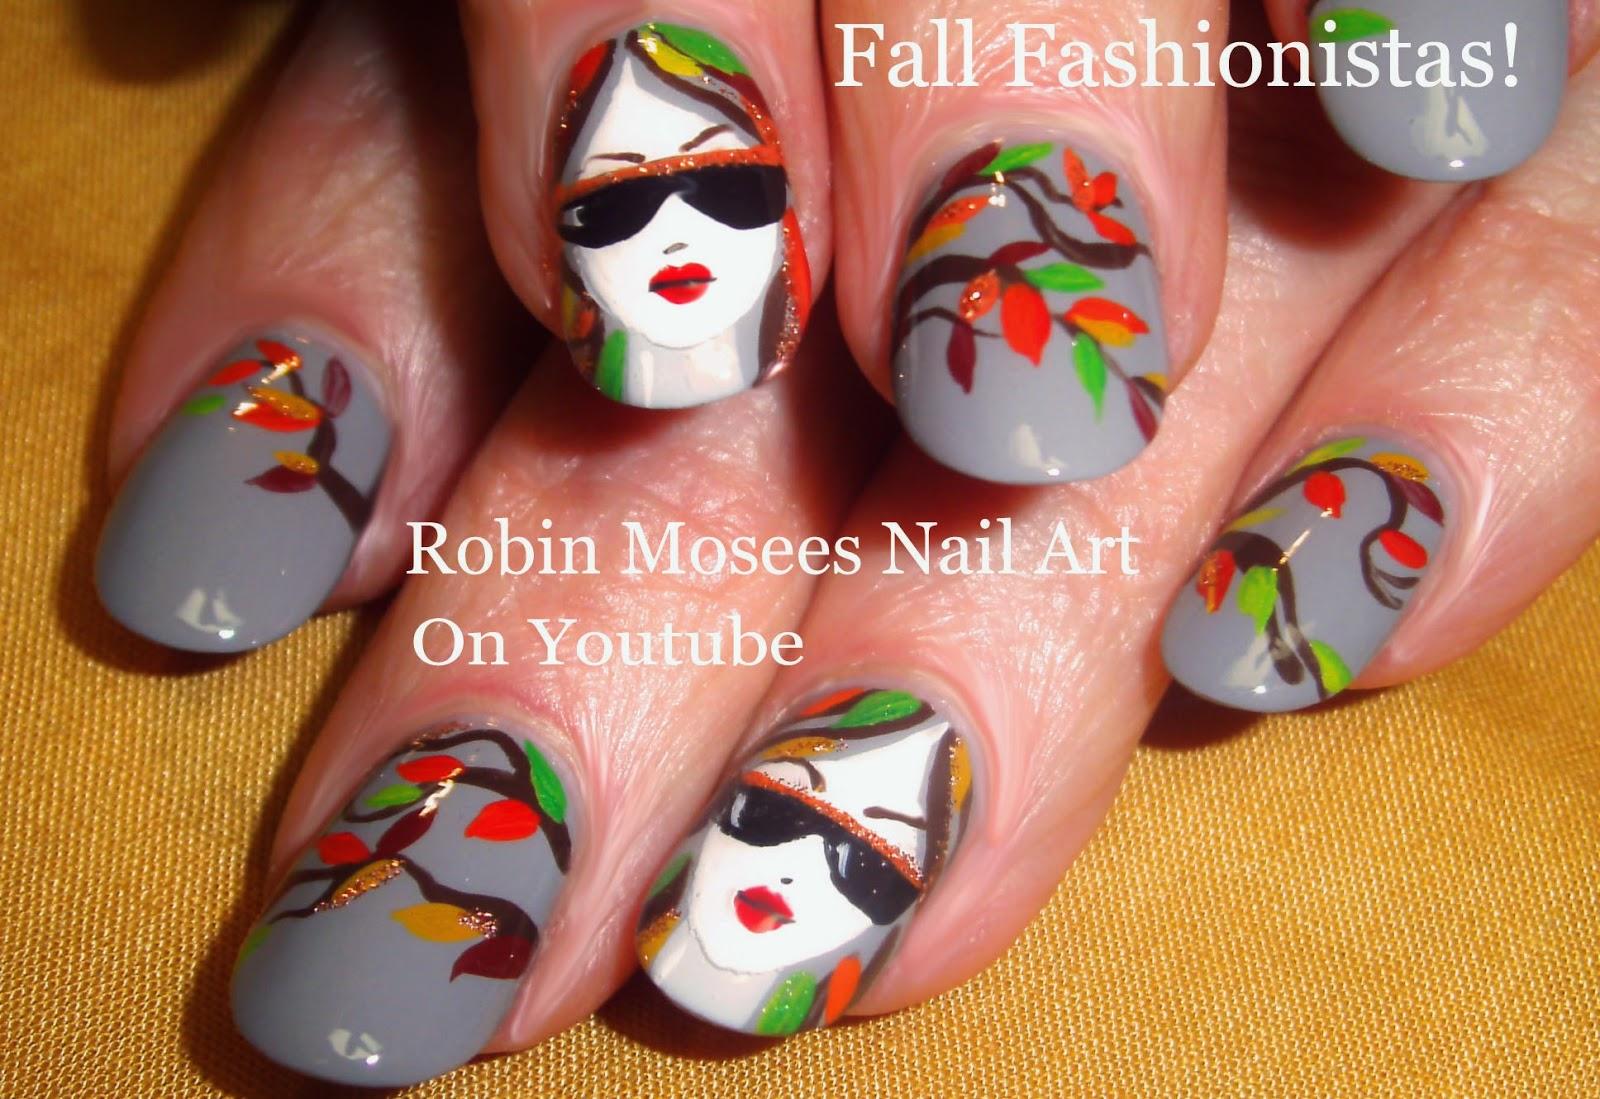 Robin Moses Nail Art: November 2015